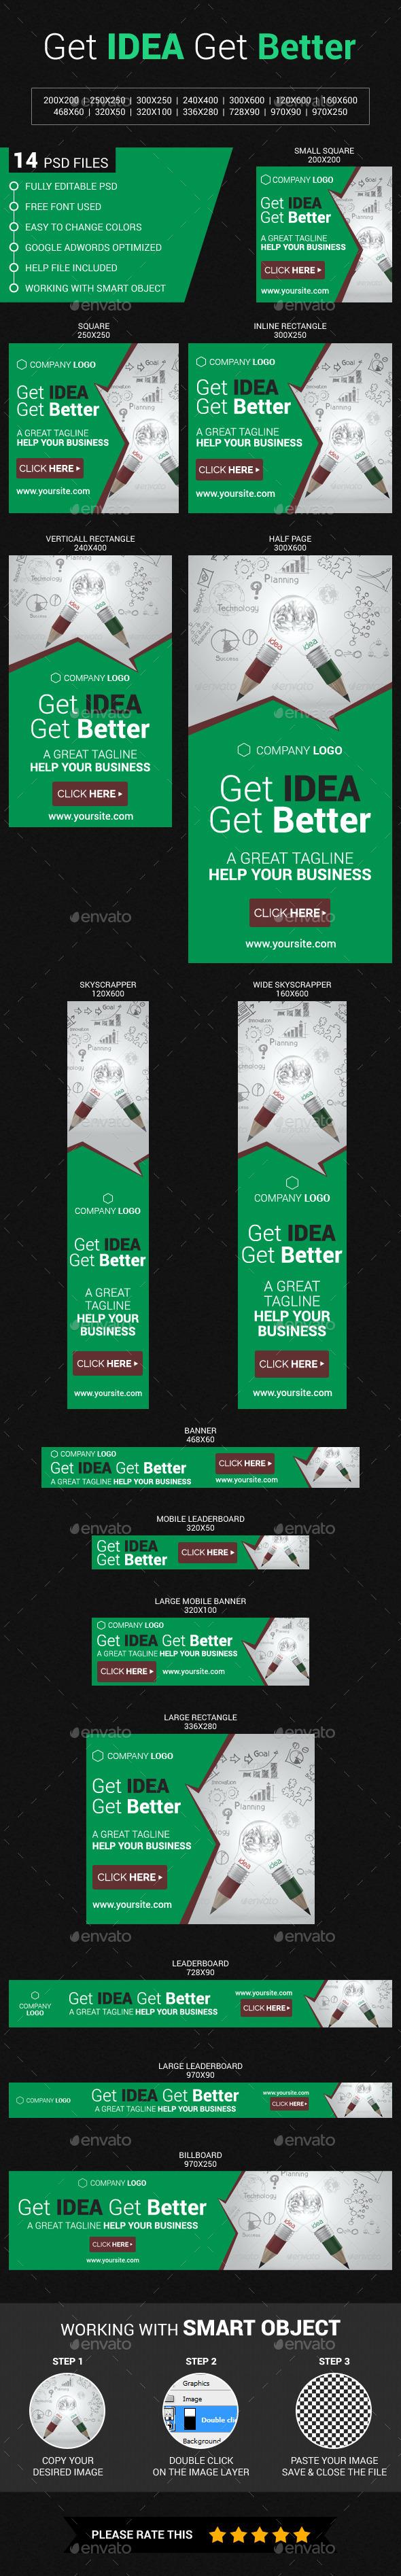 Get Idea Get Better